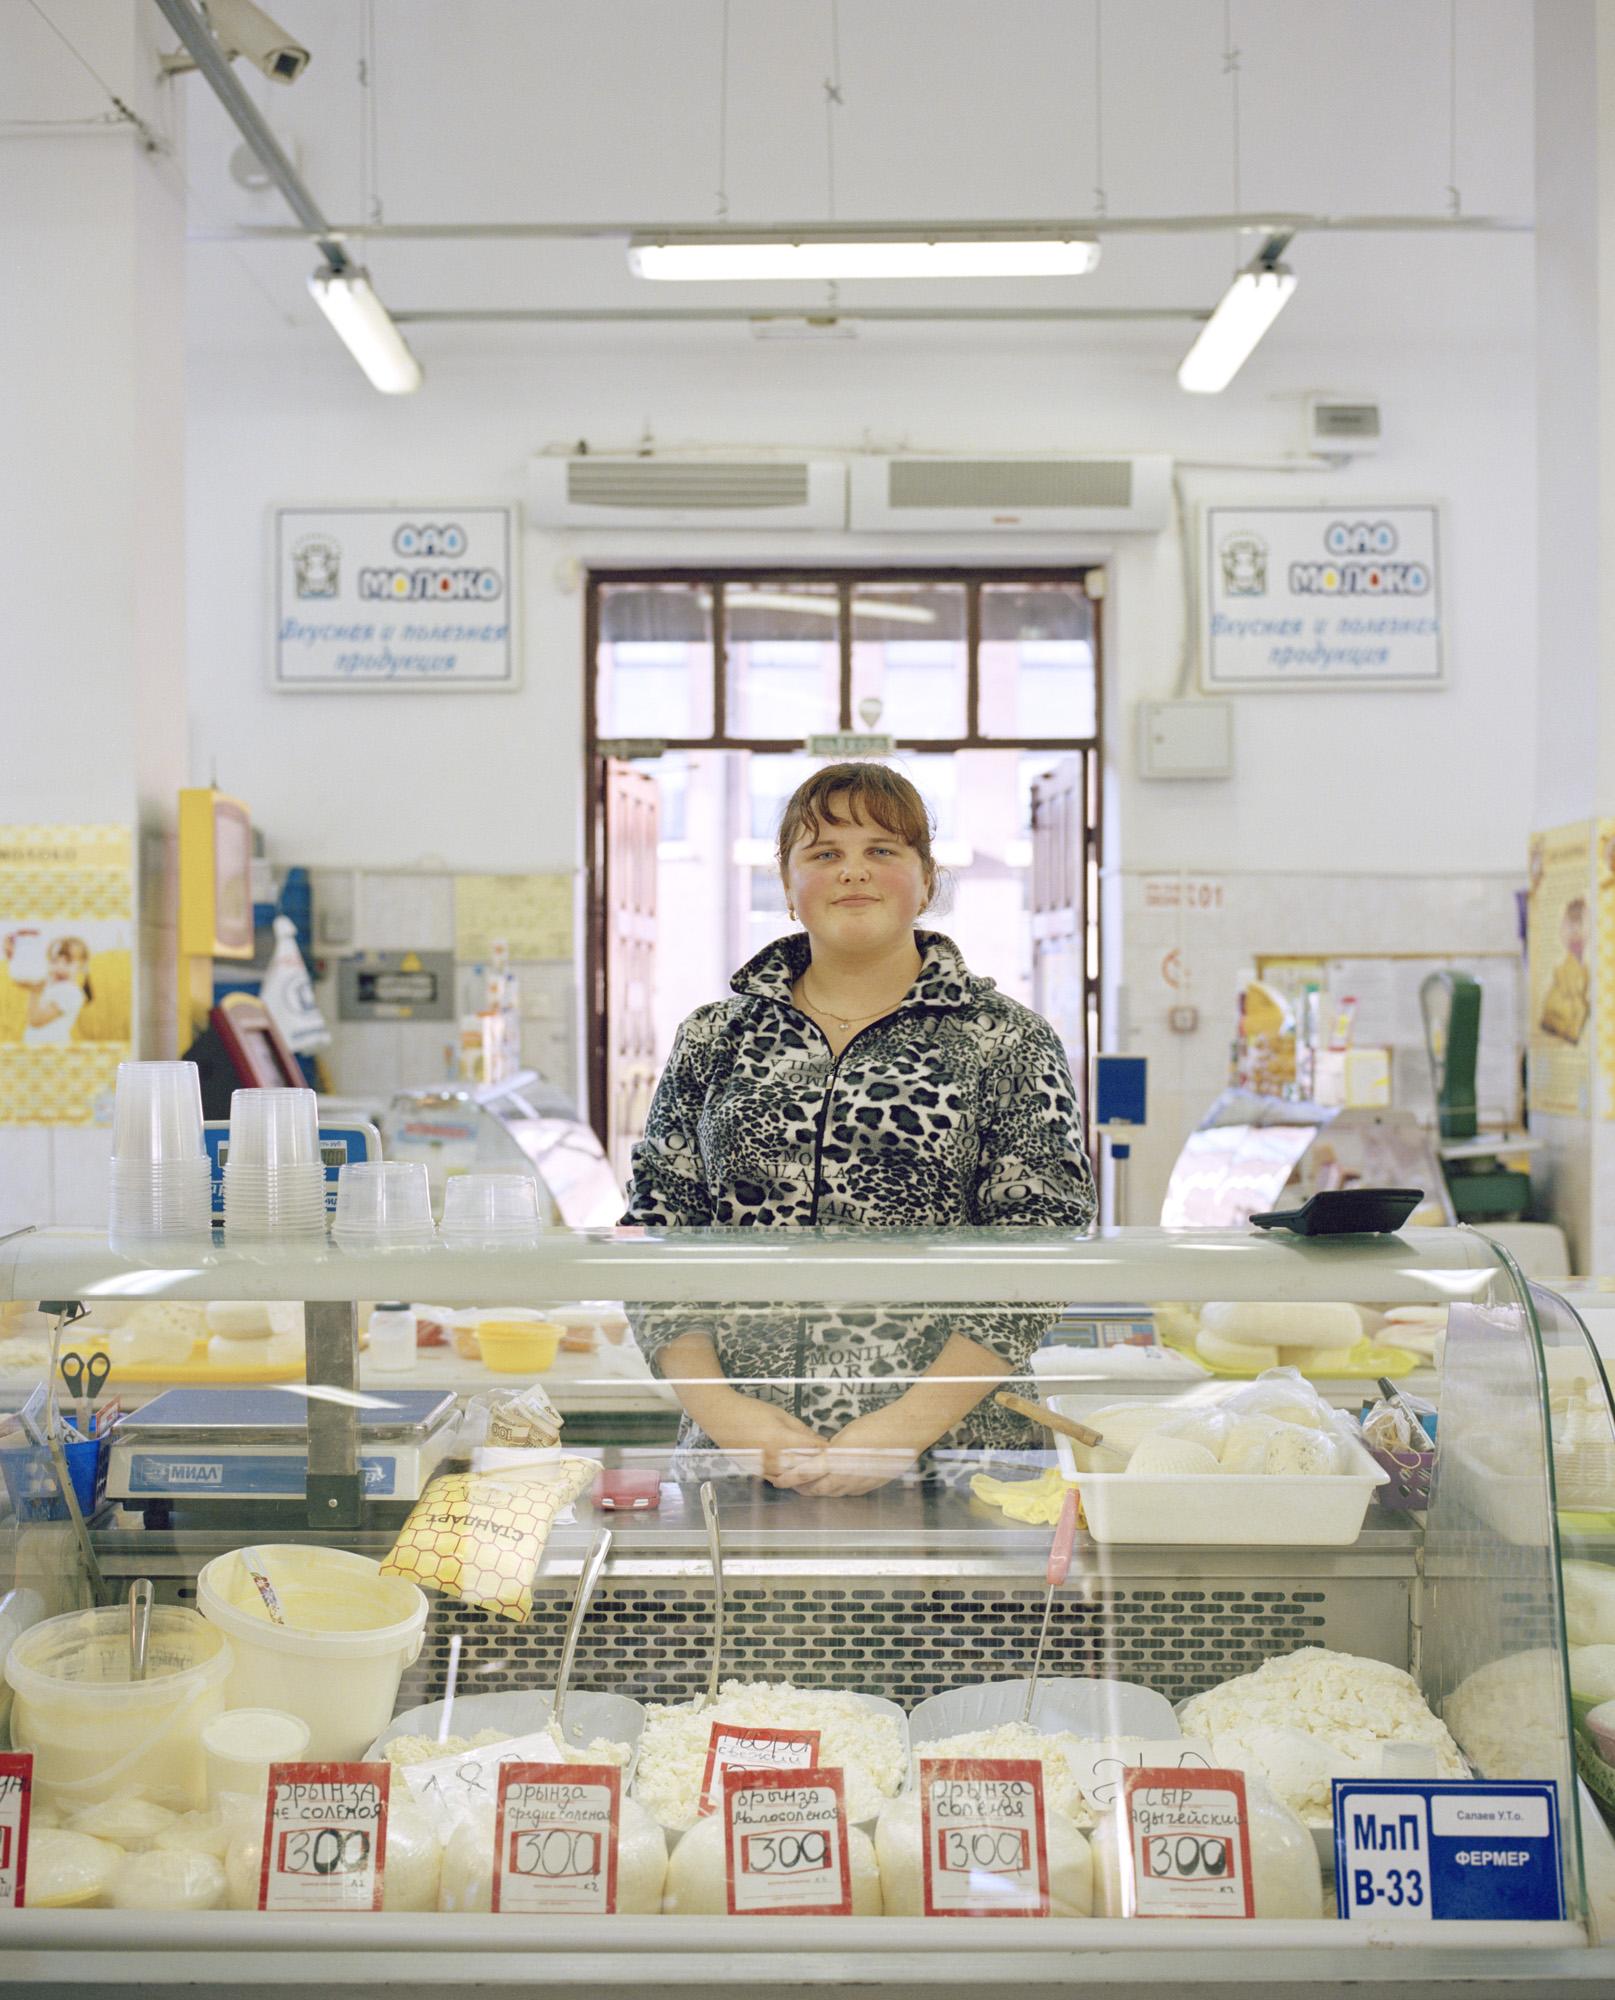 10-Diary procuction sales woman Marina Salajeva, Kaliningrad market